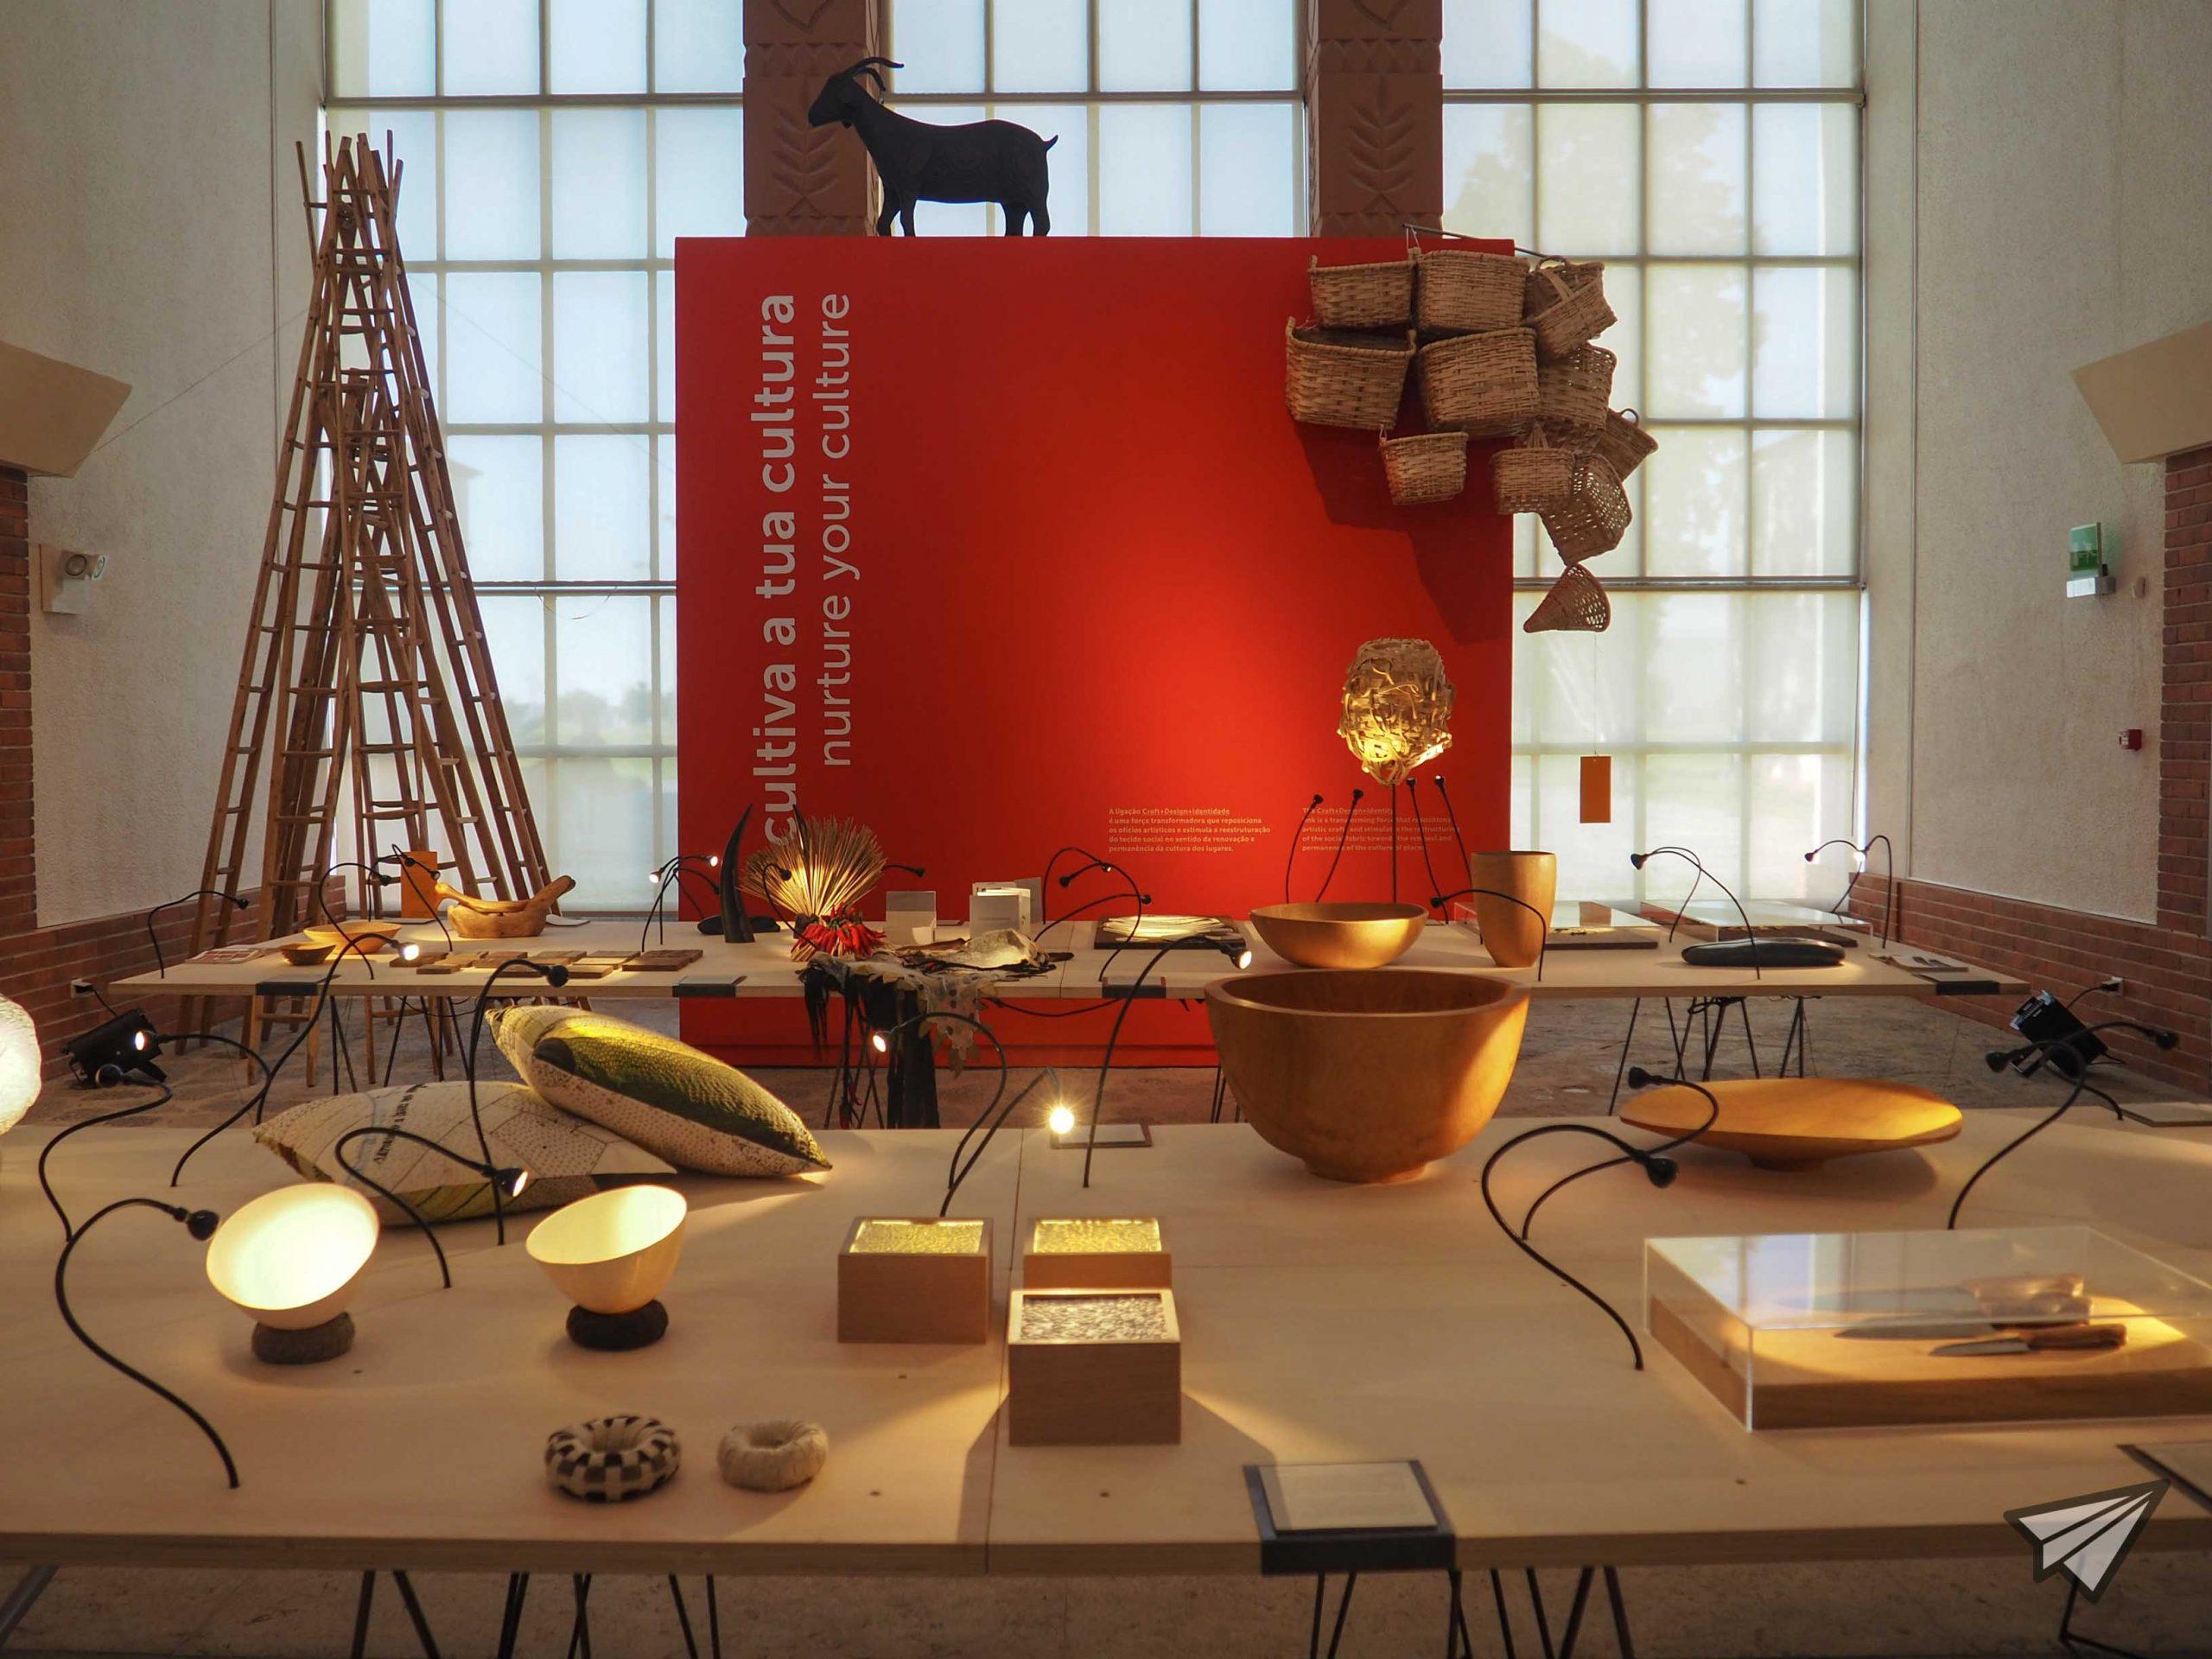 Museu de Arte Popular room